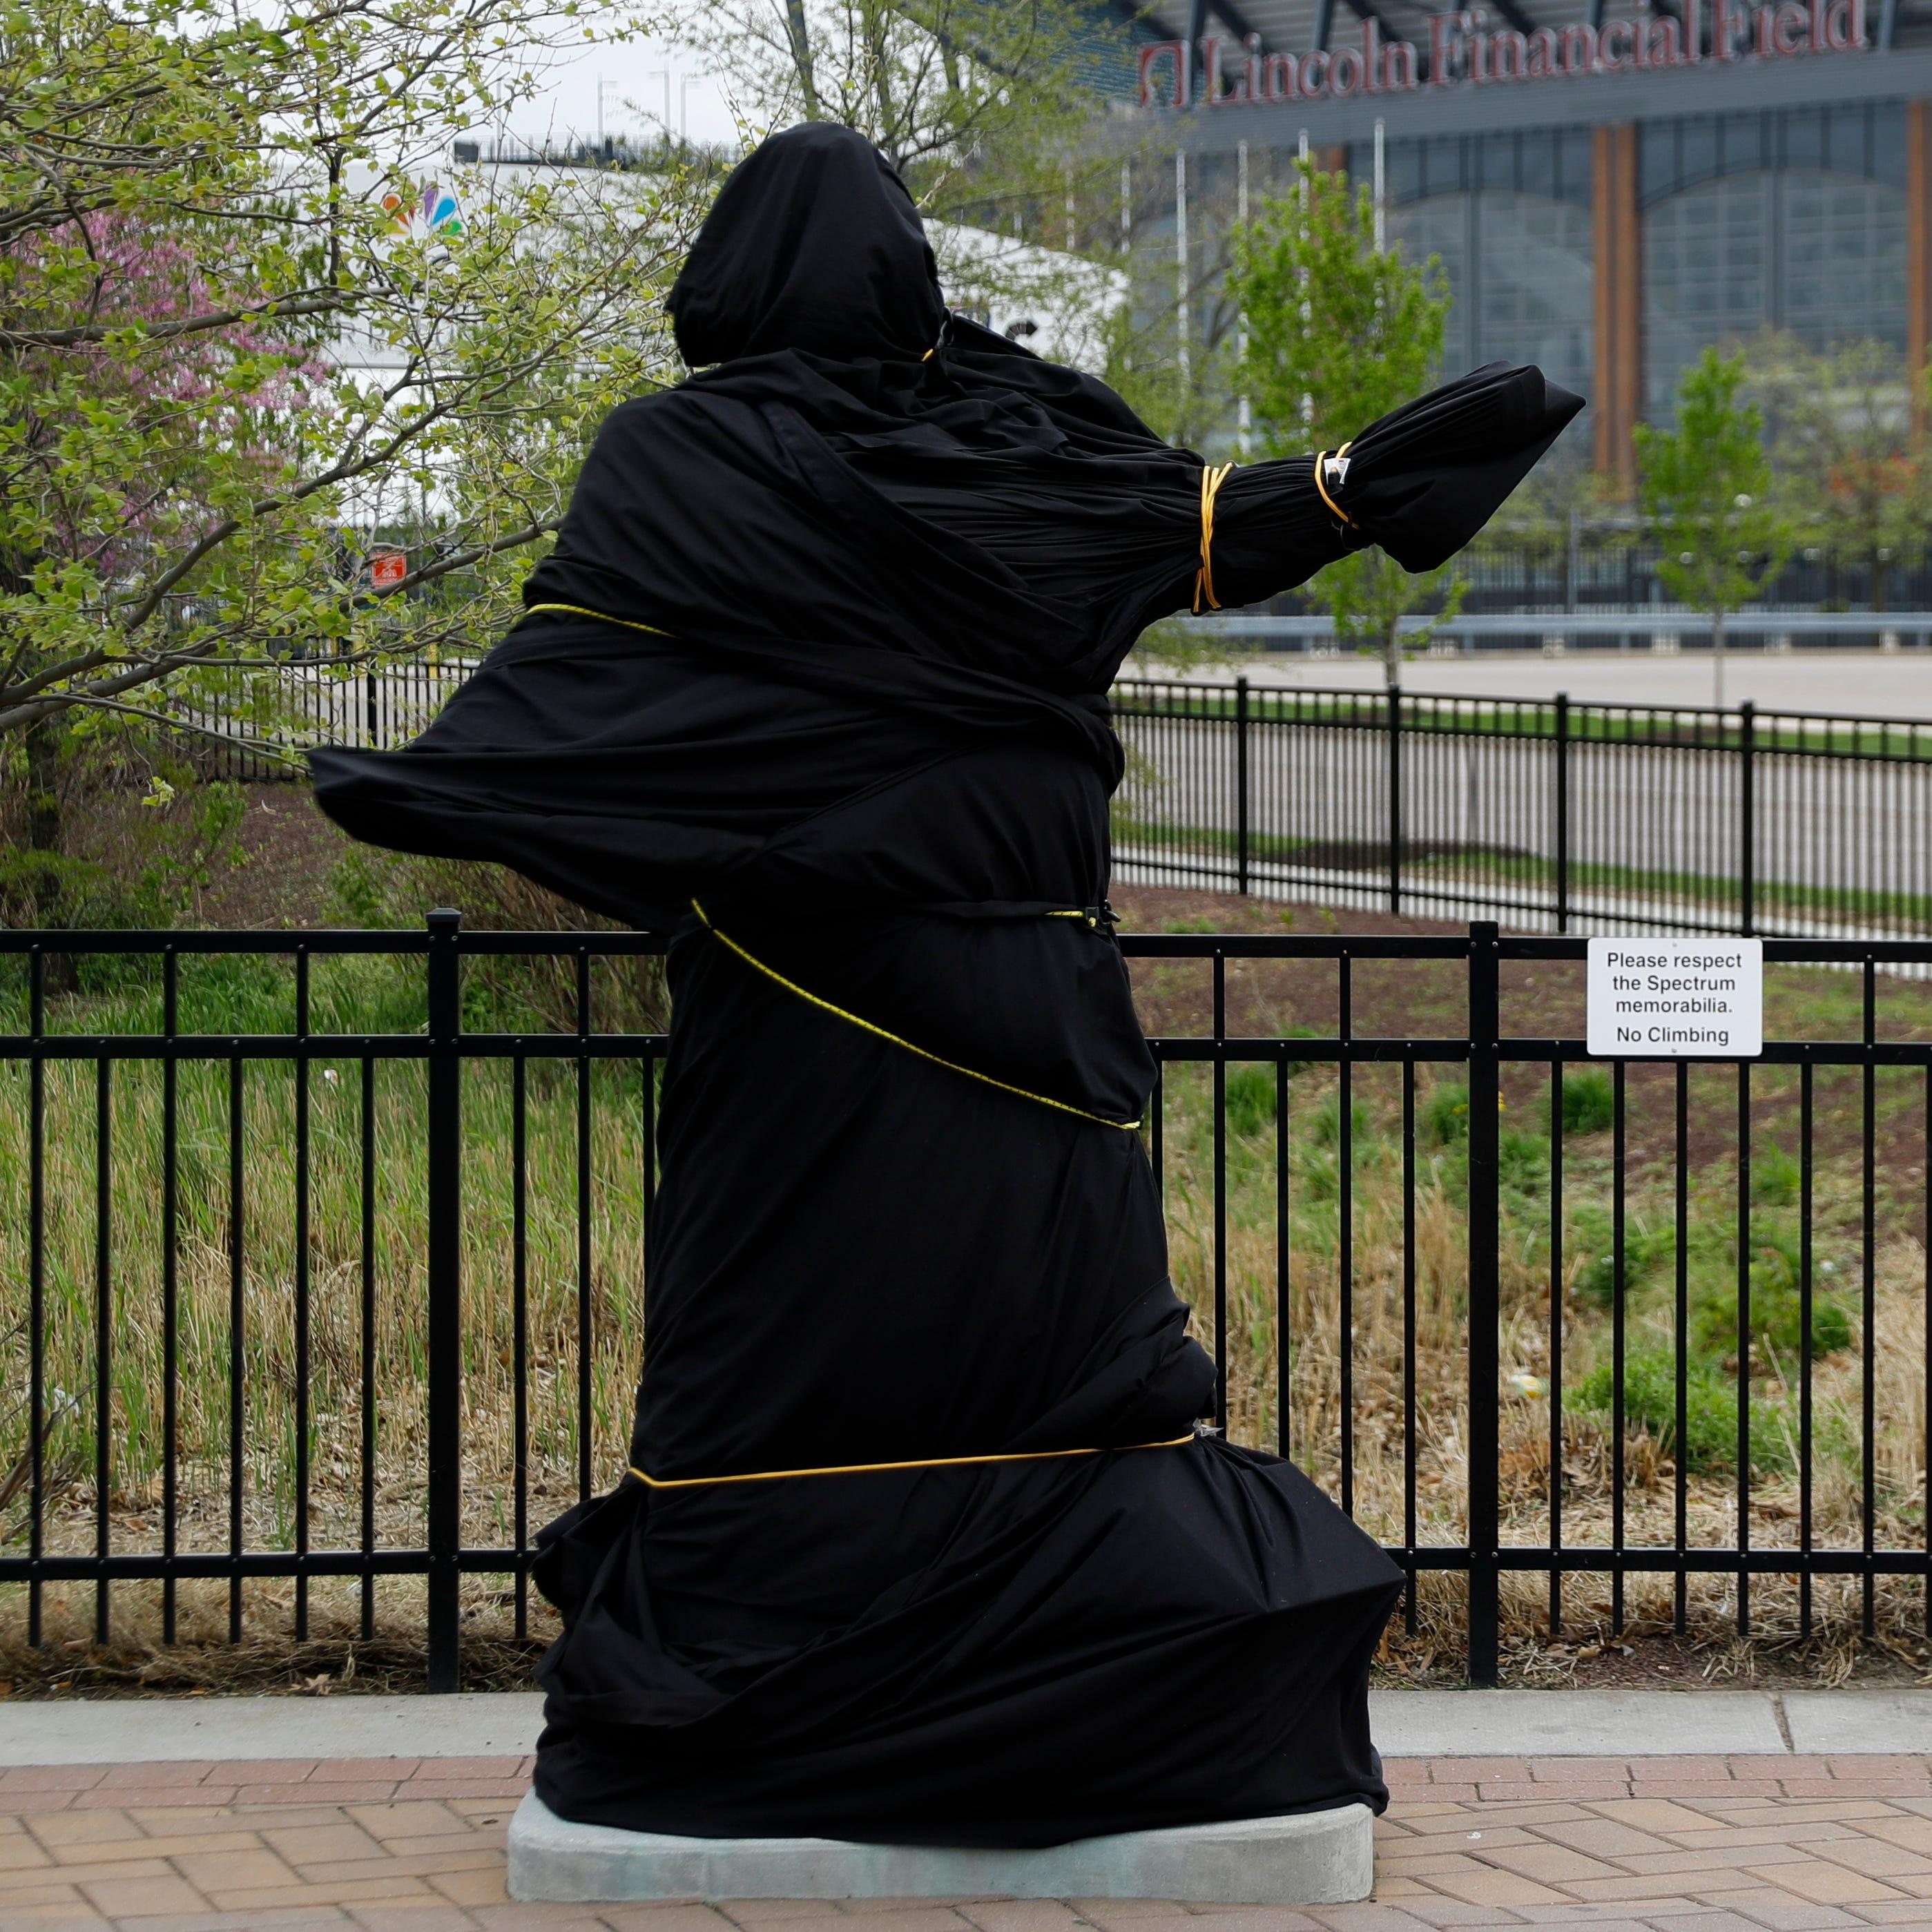 Philadelphia Flyers take down Kate Smith statue outside arena